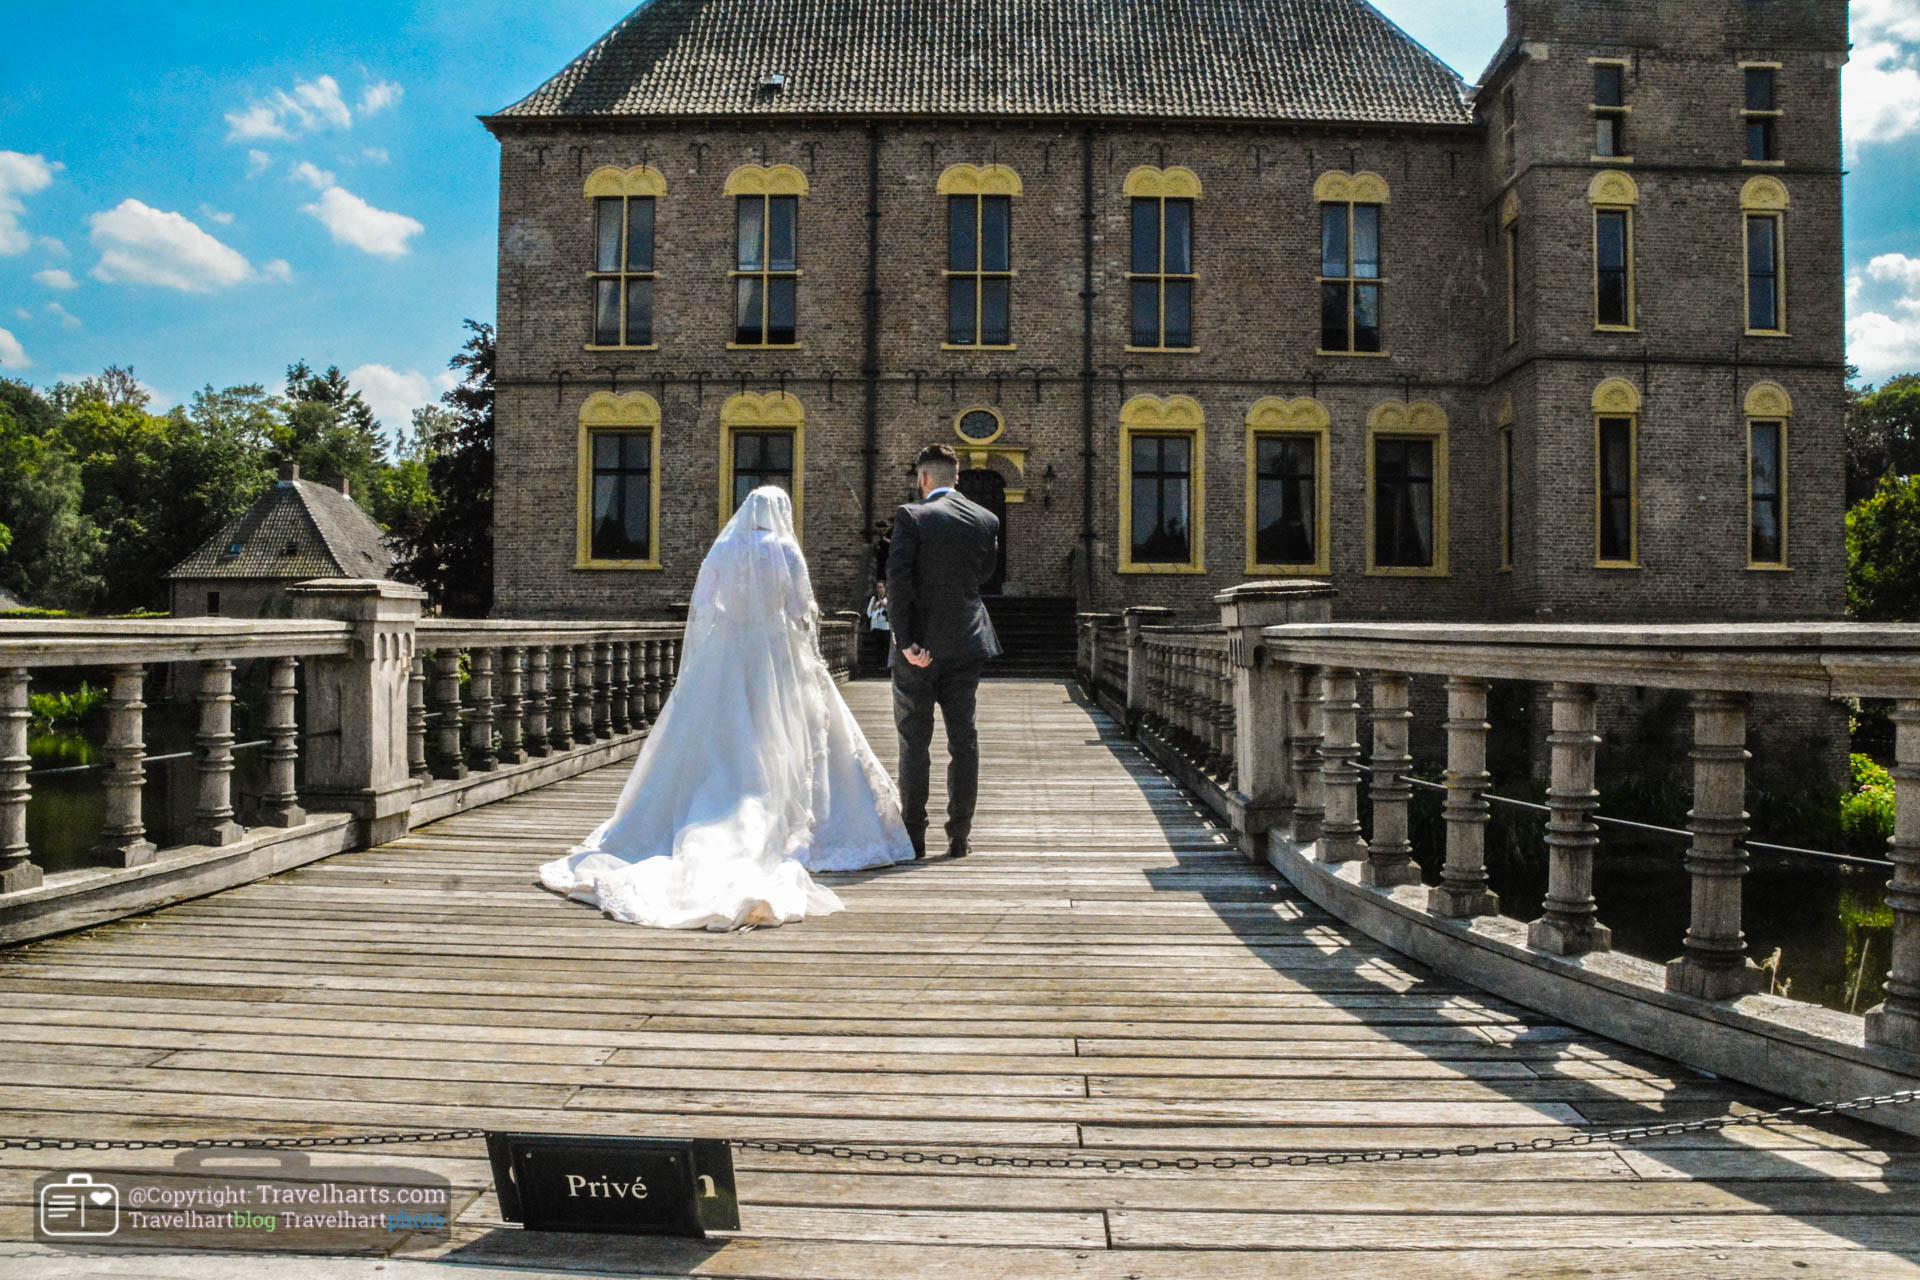 Vorden castle – The Netherlands